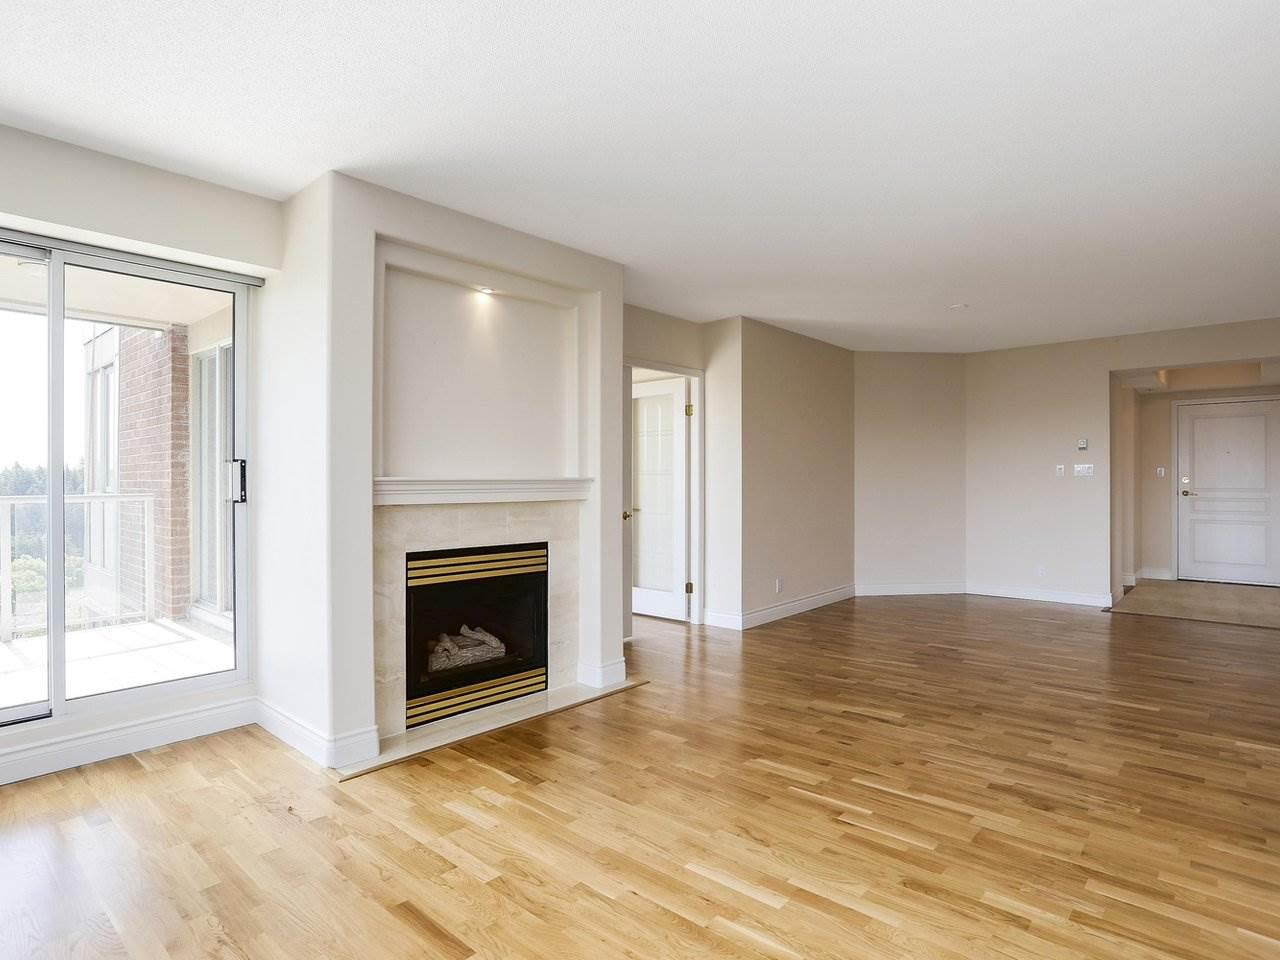 Condo Apartment at 1704 5775 HAMPTON PLACE, Unit 1704, Vancouver West, British Columbia. Image 4